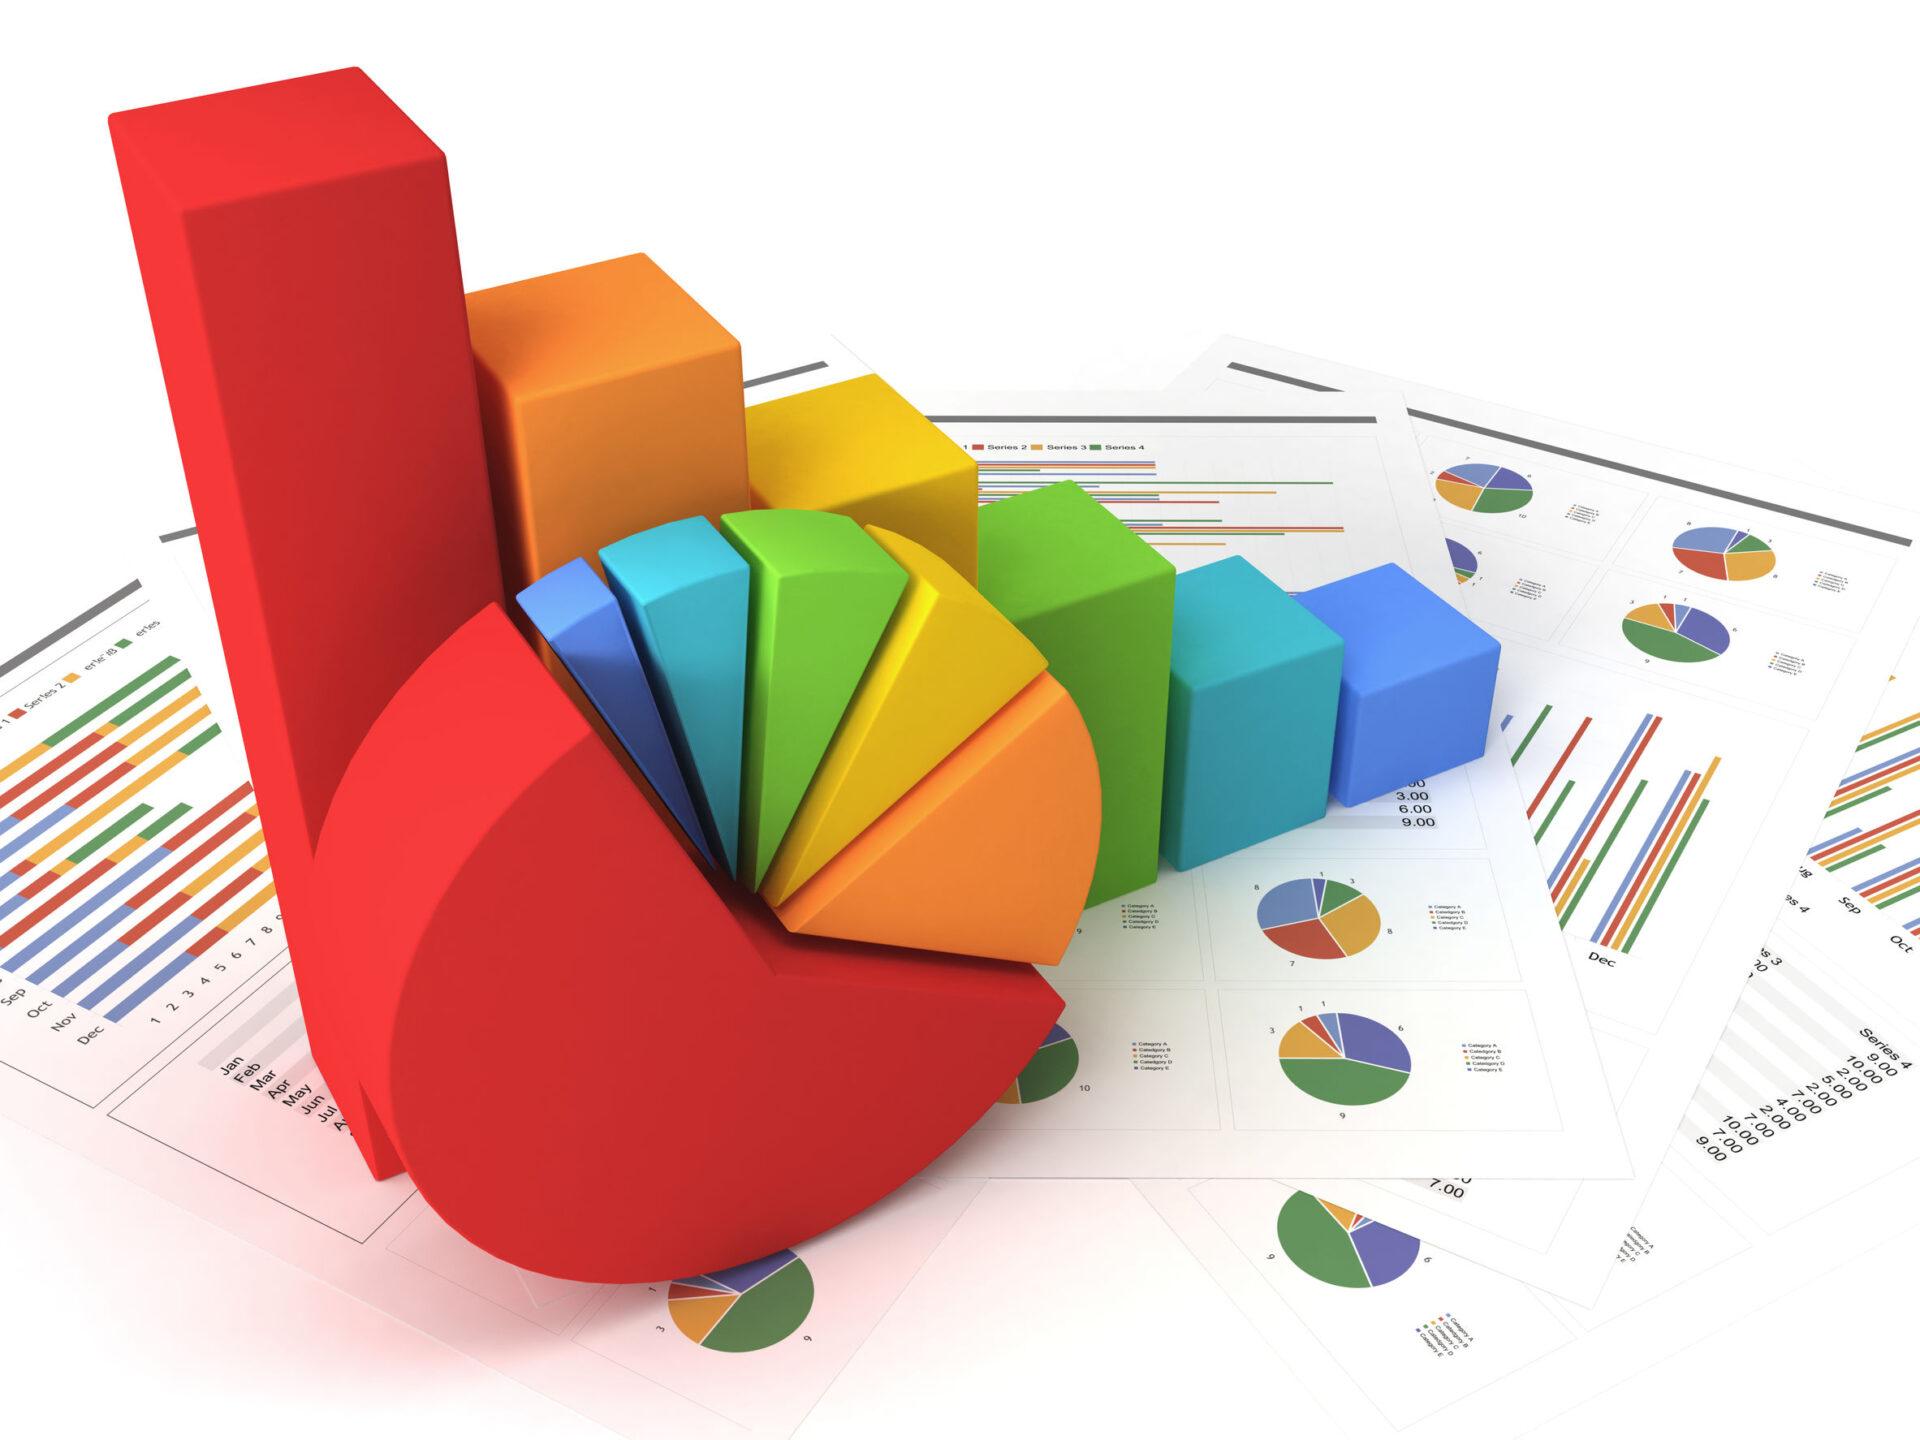 市場規模の算出方法:フェルミ推定の概算で得られる2つの視点 | Finch ...